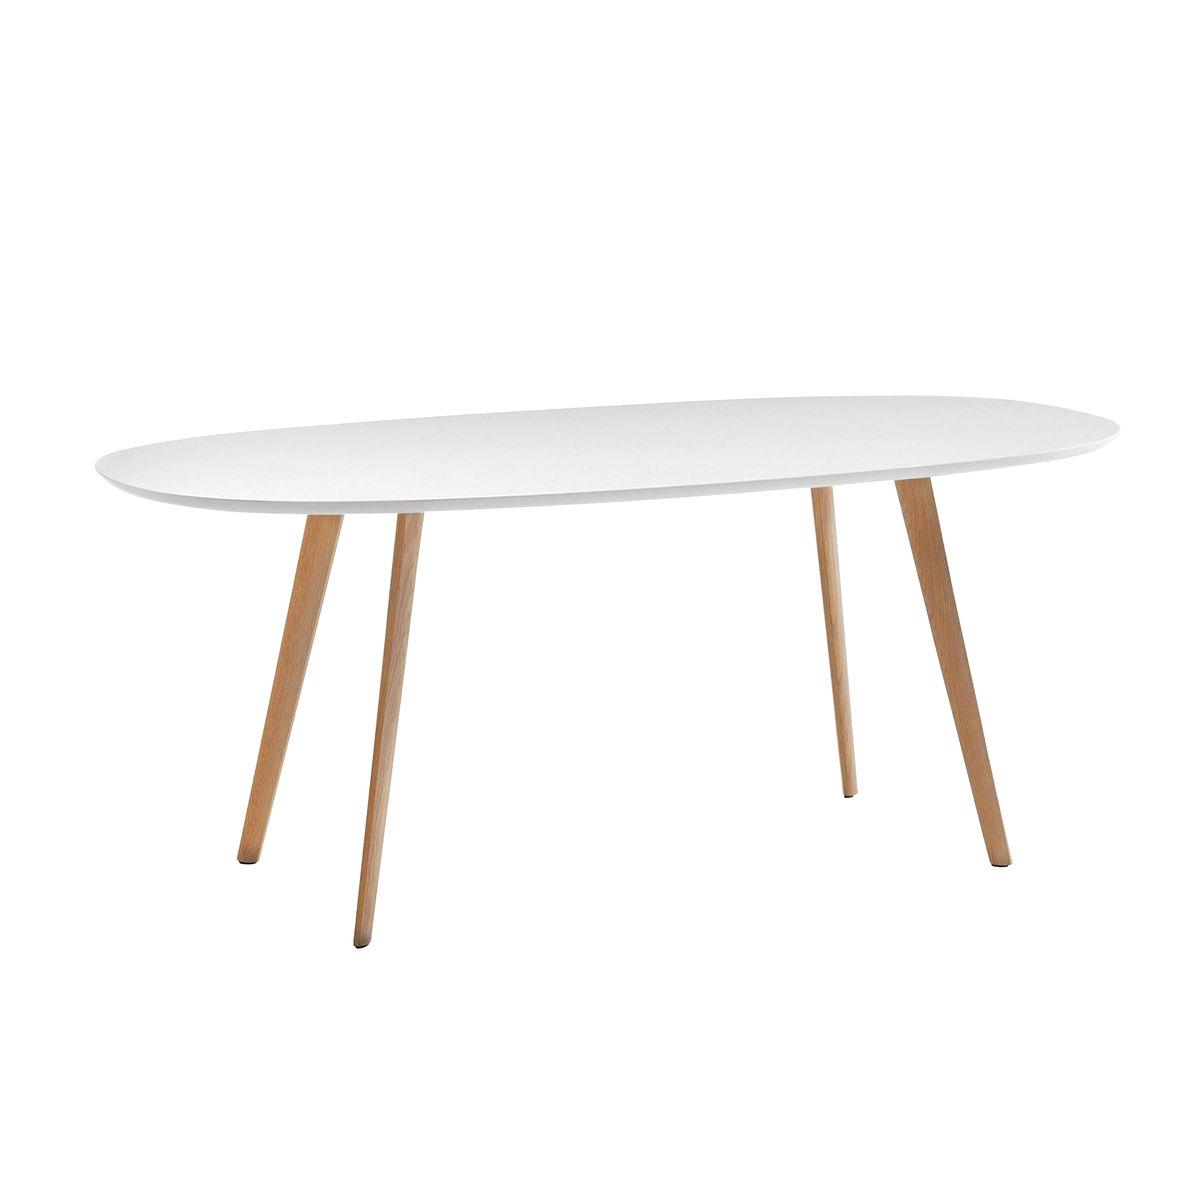 gher dining table arper. Black Bedroom Furniture Sets. Home Design Ideas